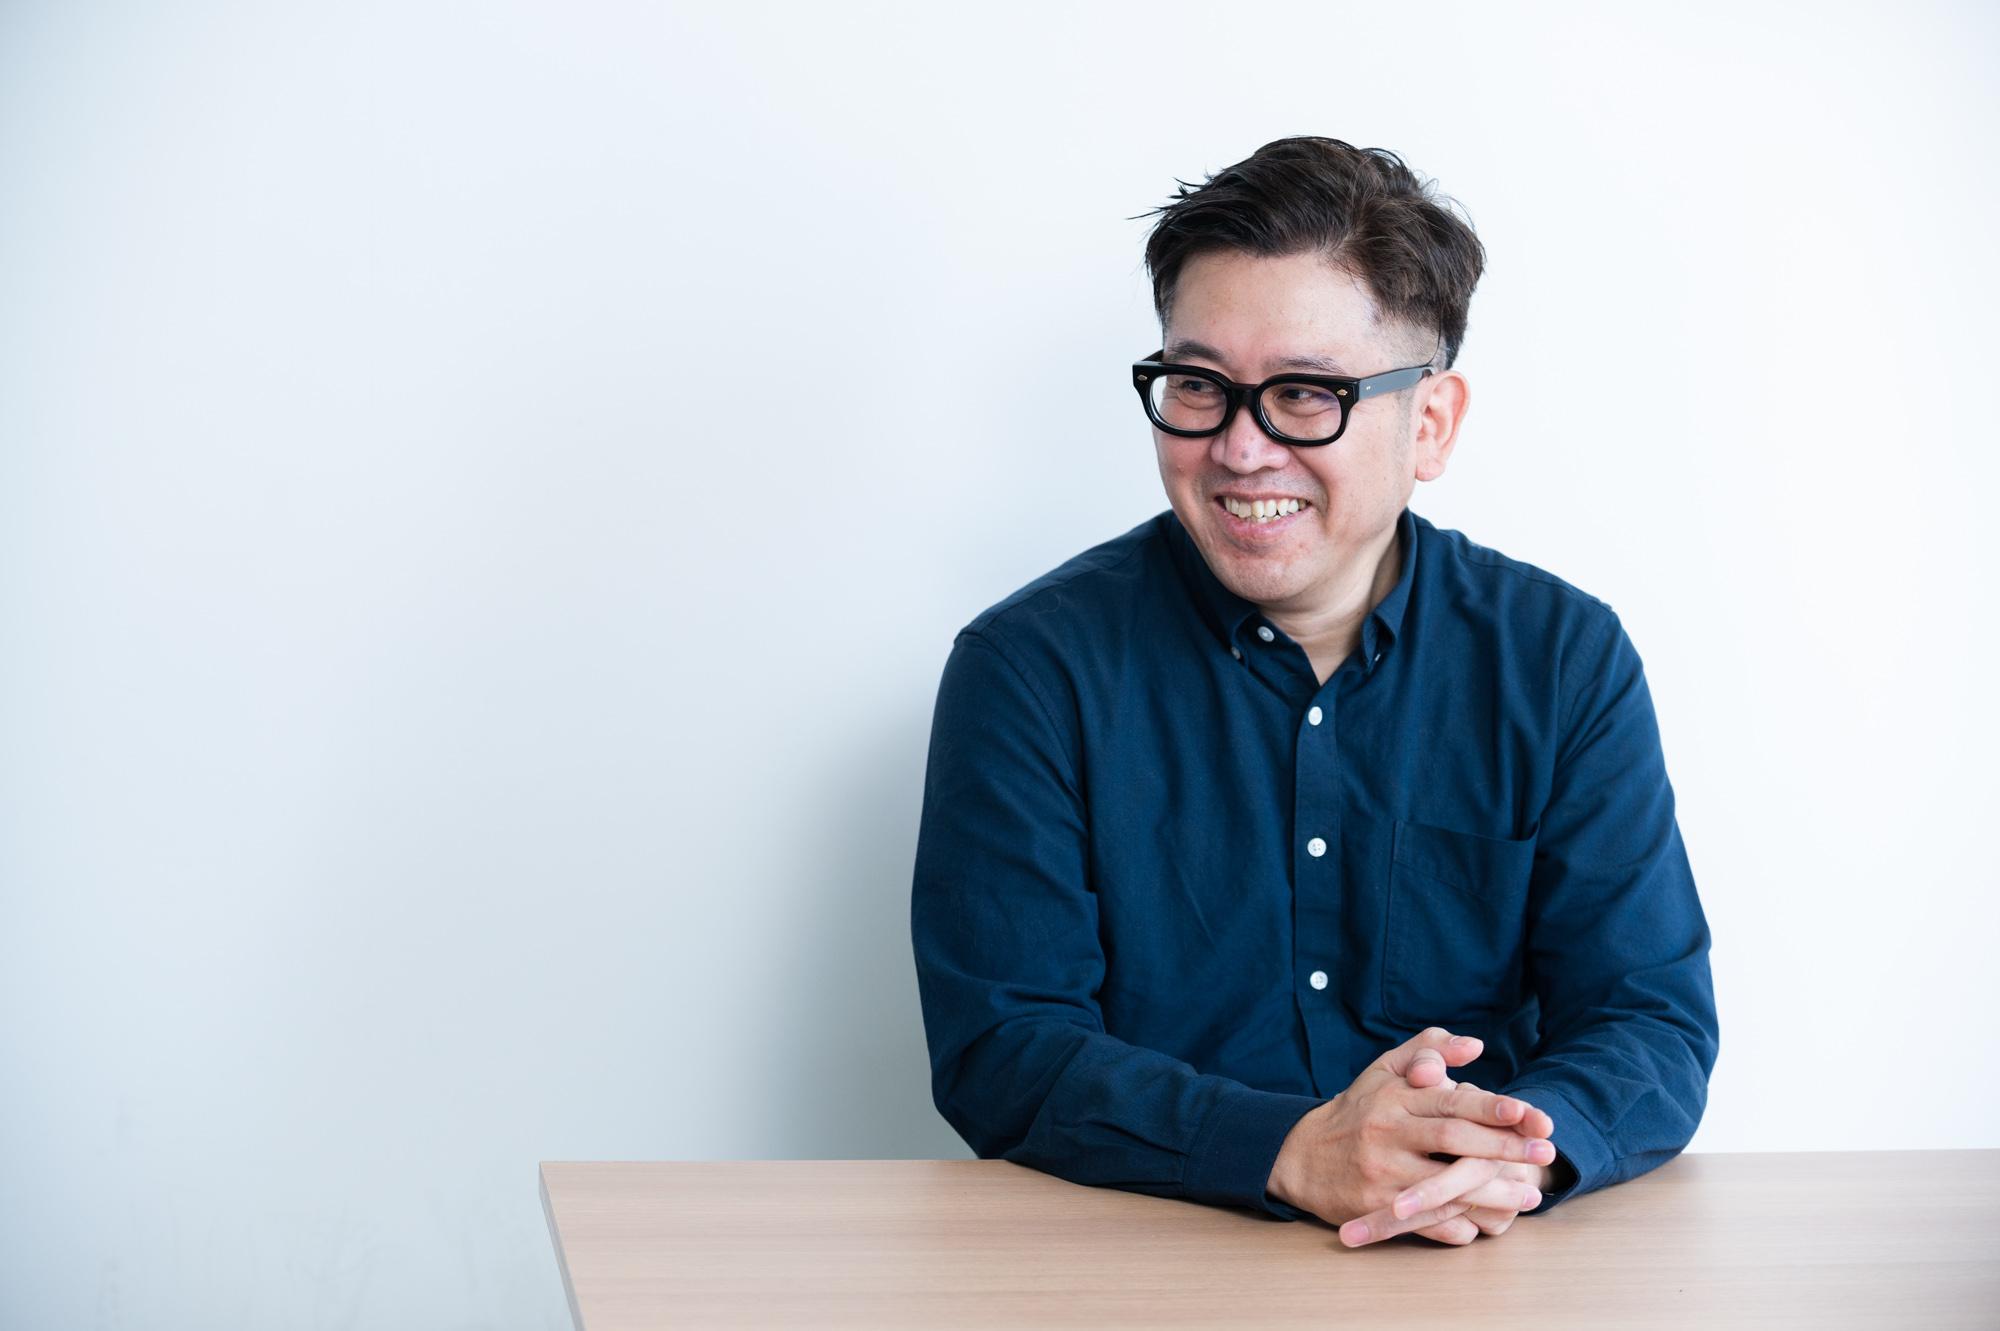 ビジョンと実利をつなぐ実行者 Webマーケティングディレクター 安藤直紀さん